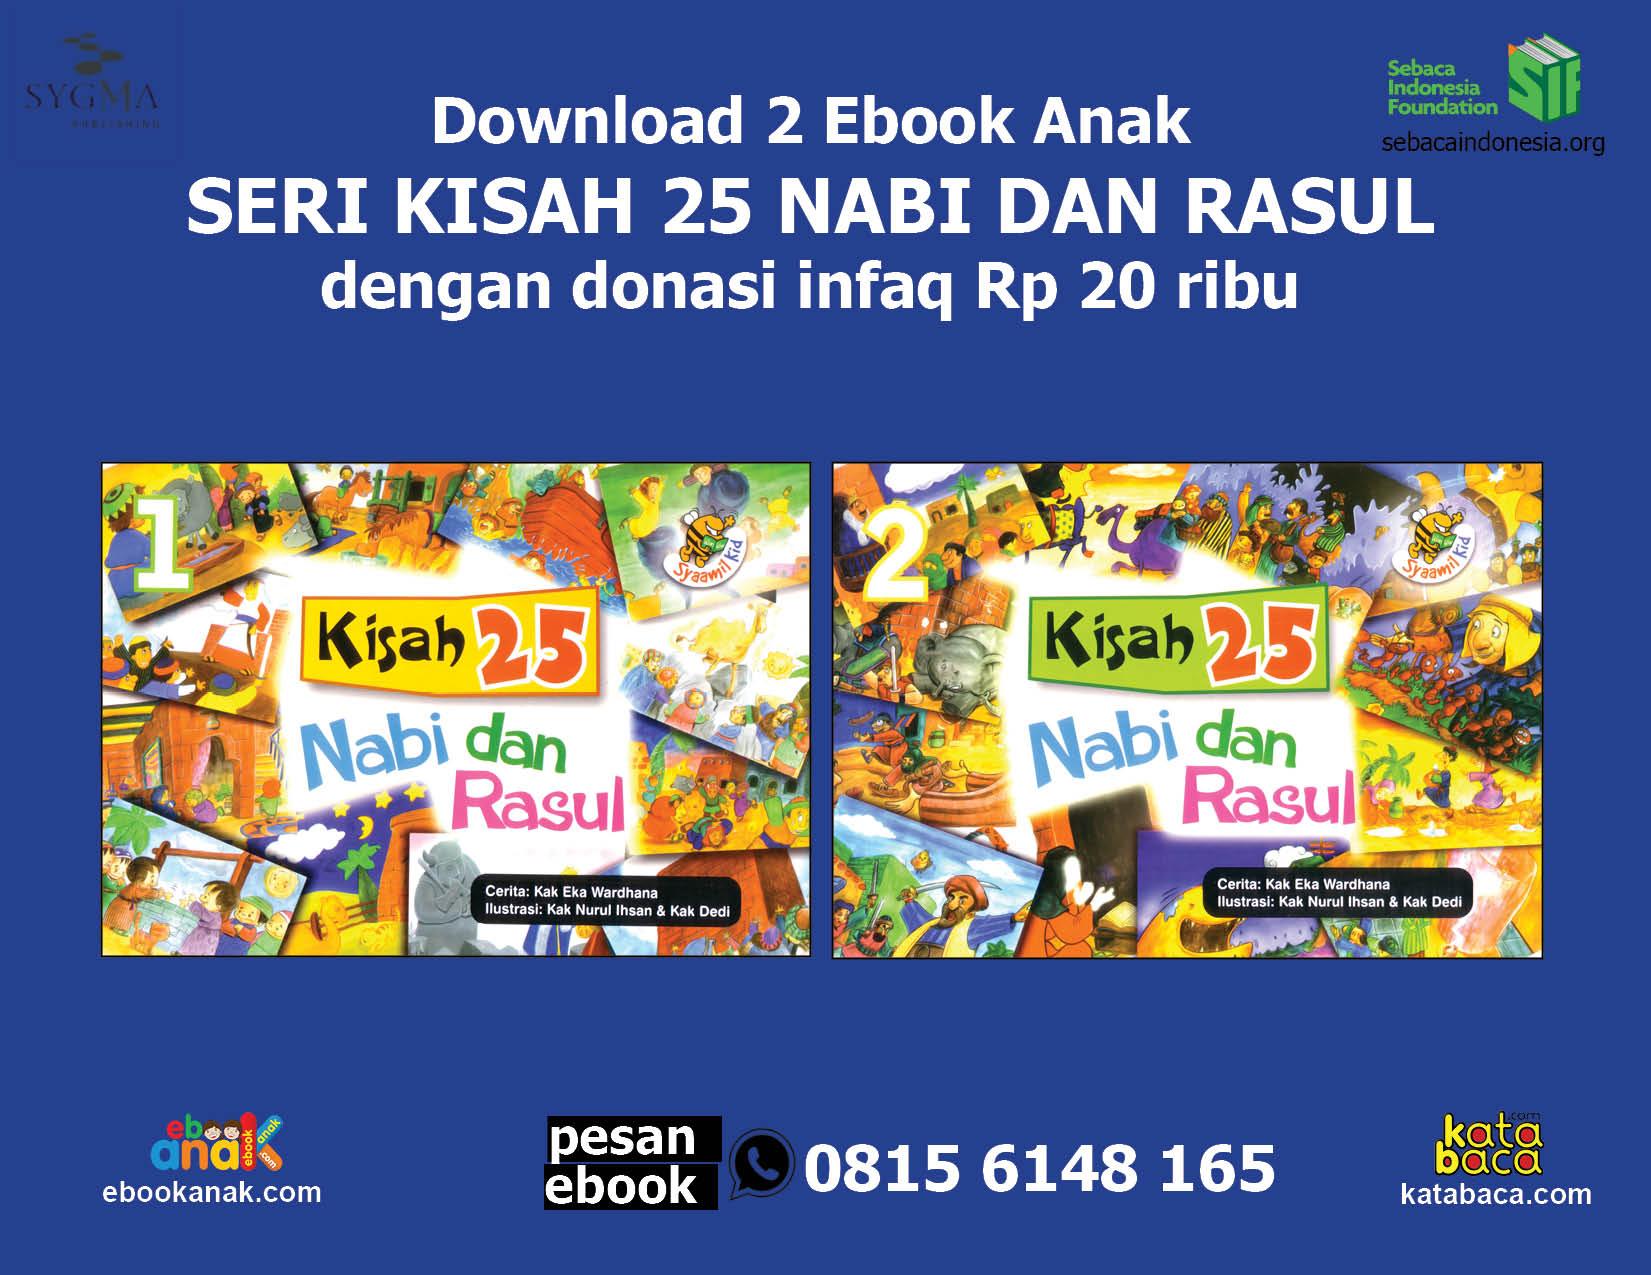 download 2 ebook seri kisah 25 nabi dan rasul